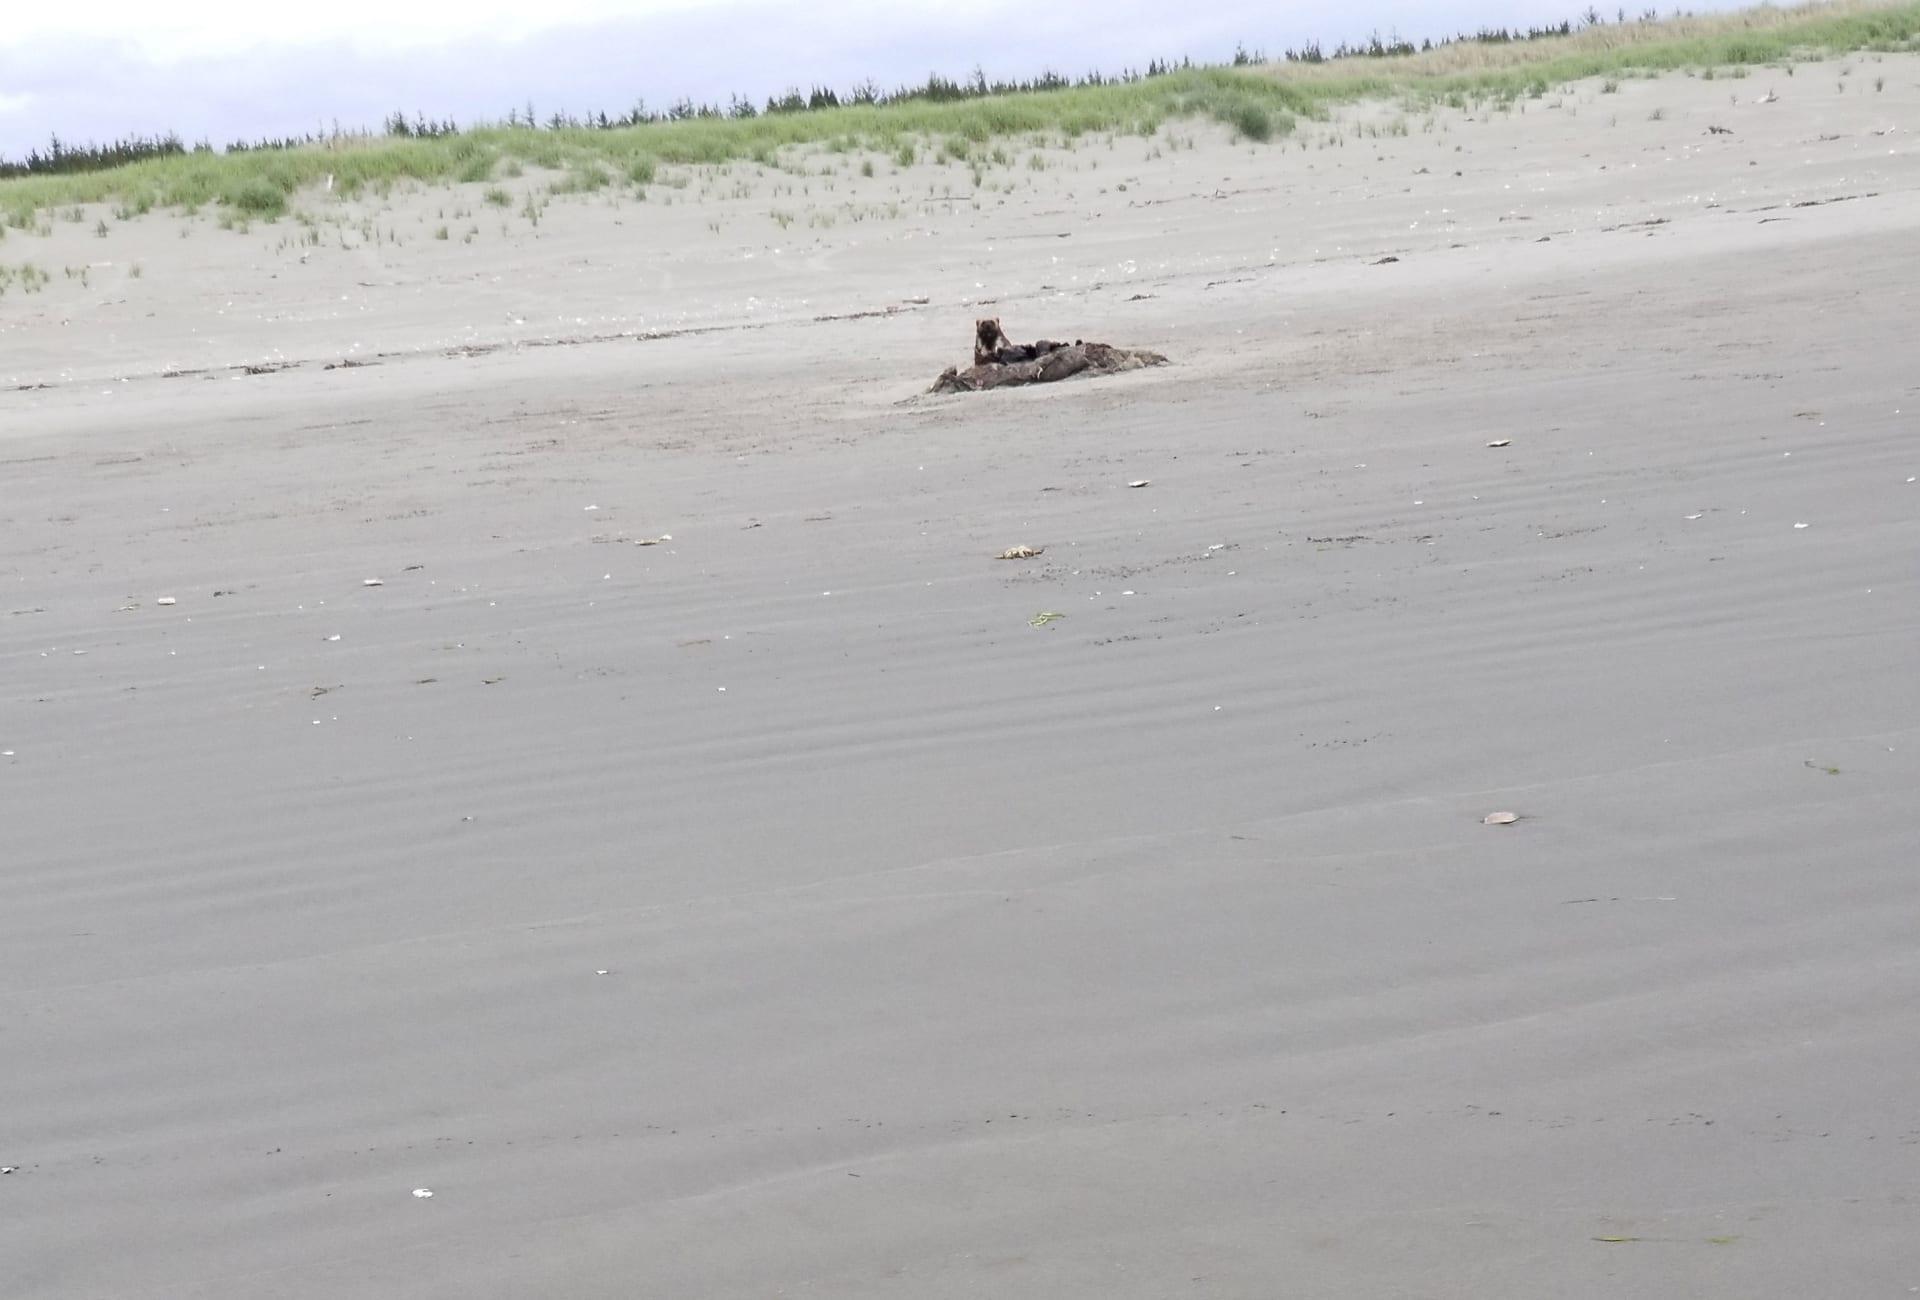 مشاهدة نادرة.. لم يصدق أحد هذه الامرأة عندما قالت إنها رأت هذا الحيوان بشاطئ بأمريكا